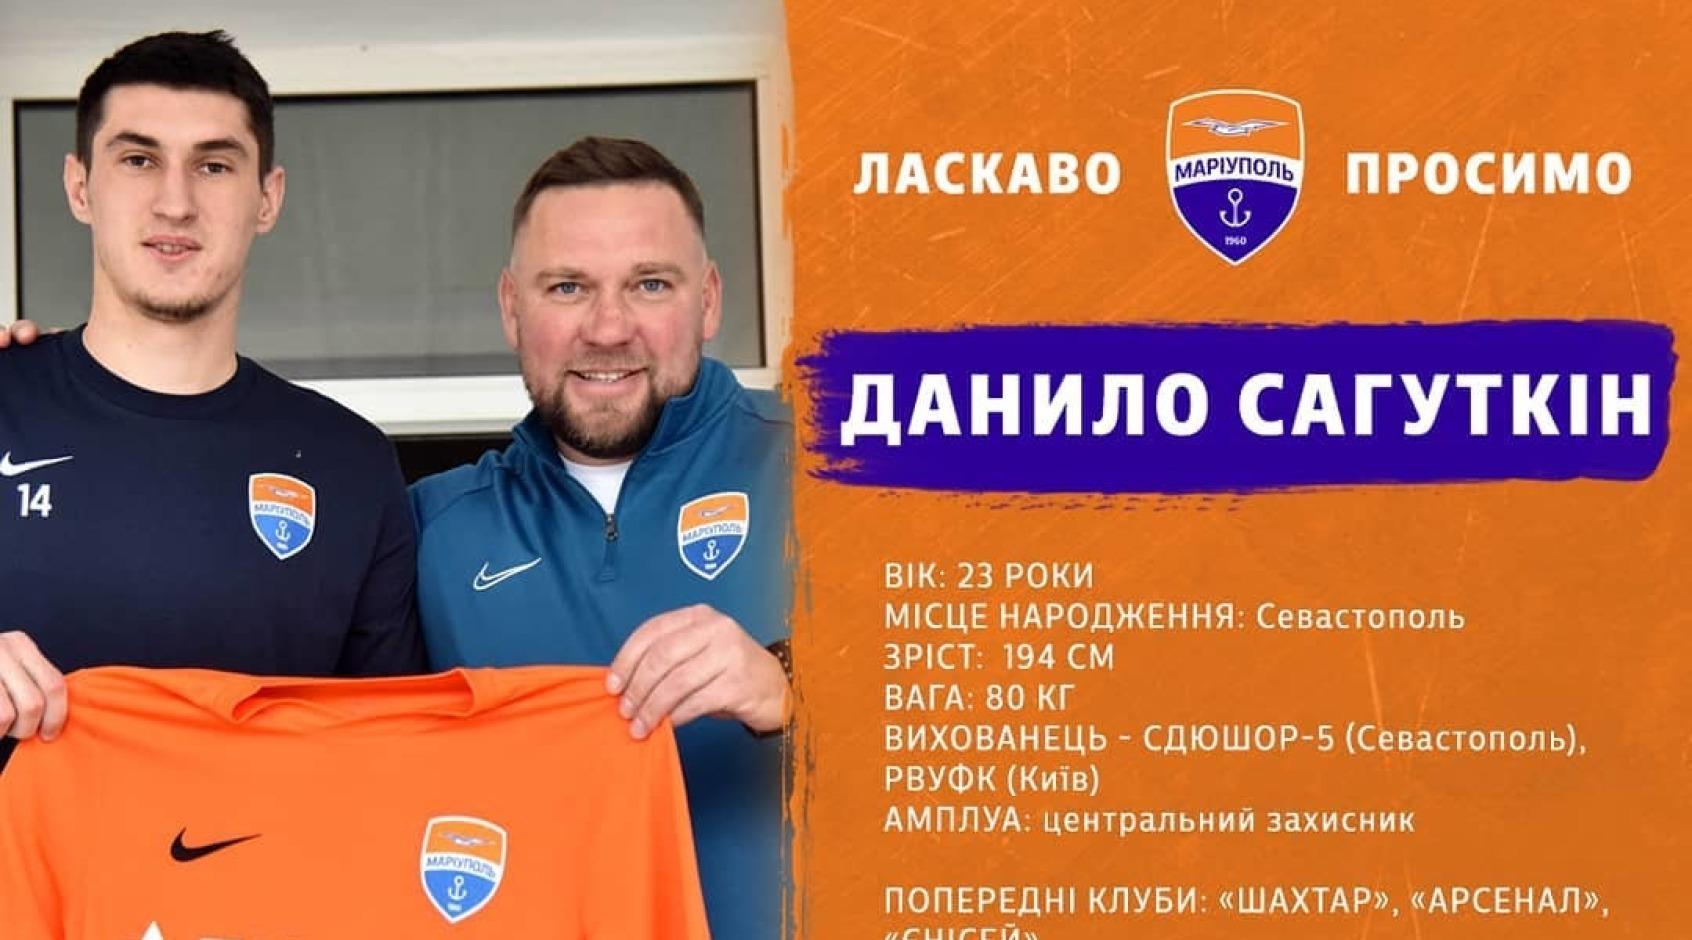 """Официально: """"Мариуполь"""" арендовал Даниила Сагуткина"""